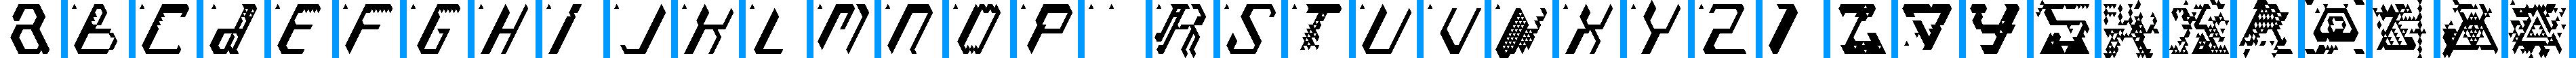 Particip-a-type v.269